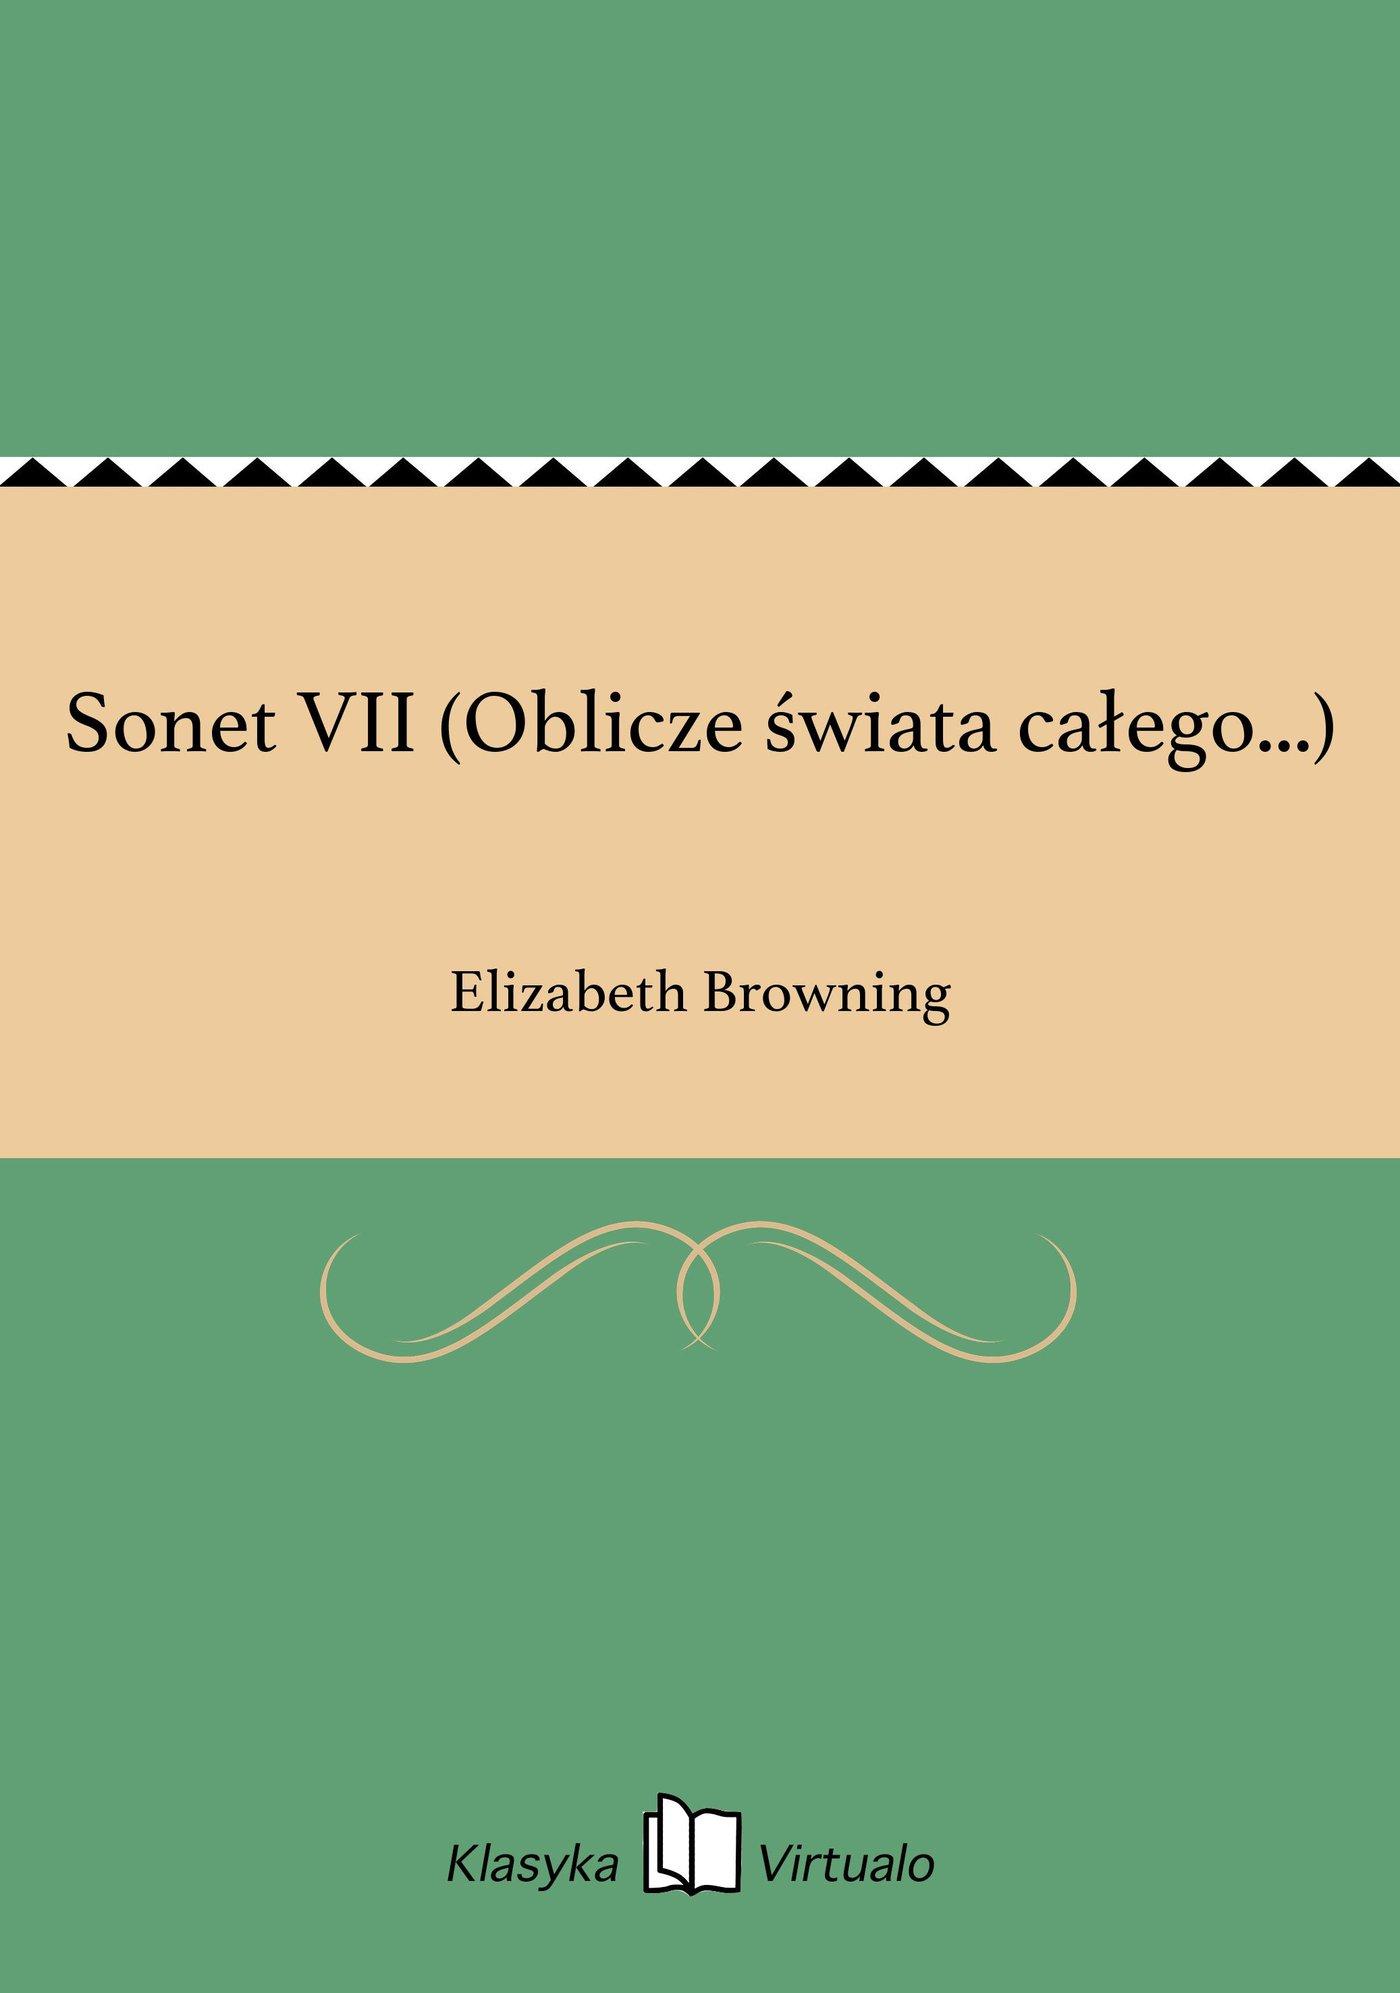 Sonet VII (Oblicze świata całego...) - Ebook (Książka na Kindle) do pobrania w formacie MOBI